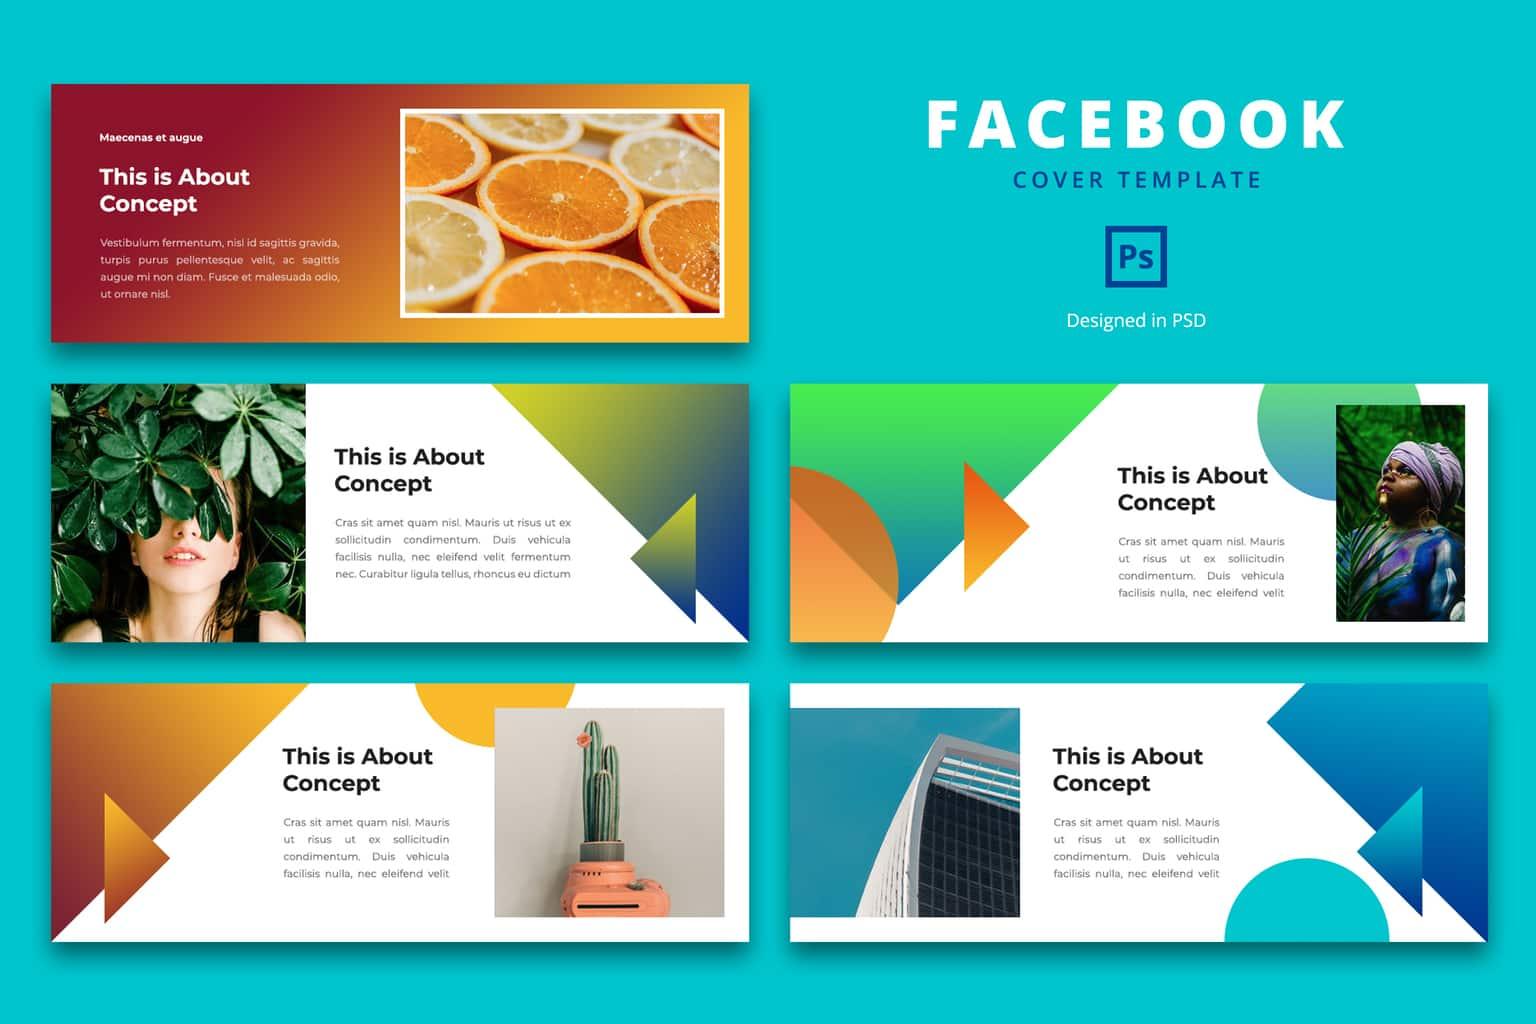 facebook cover creative idea concept